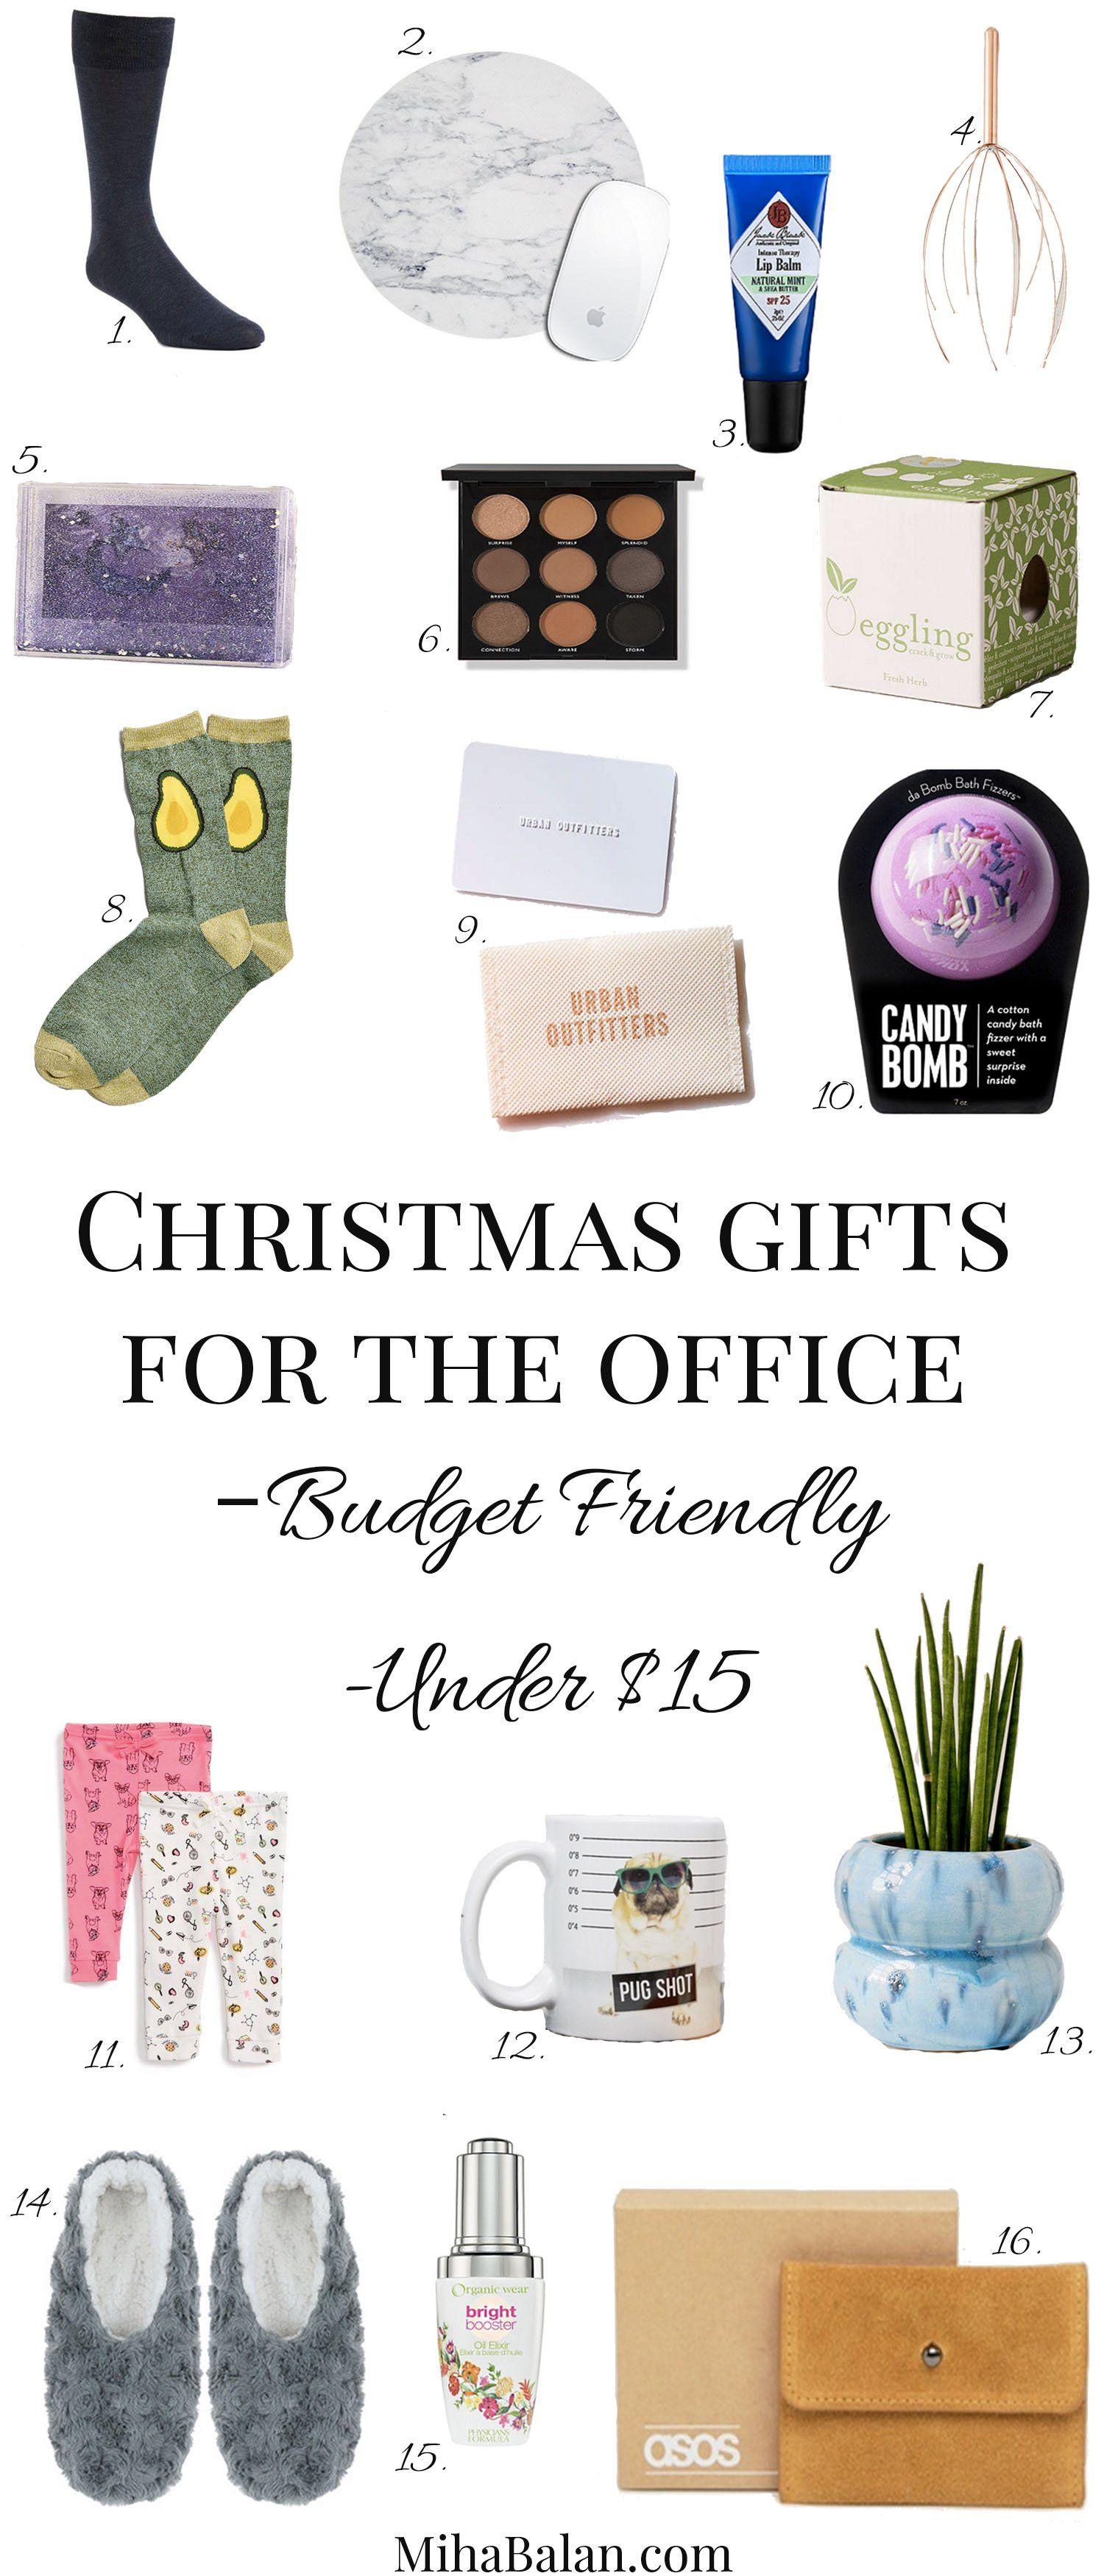 Christmas gifts $15